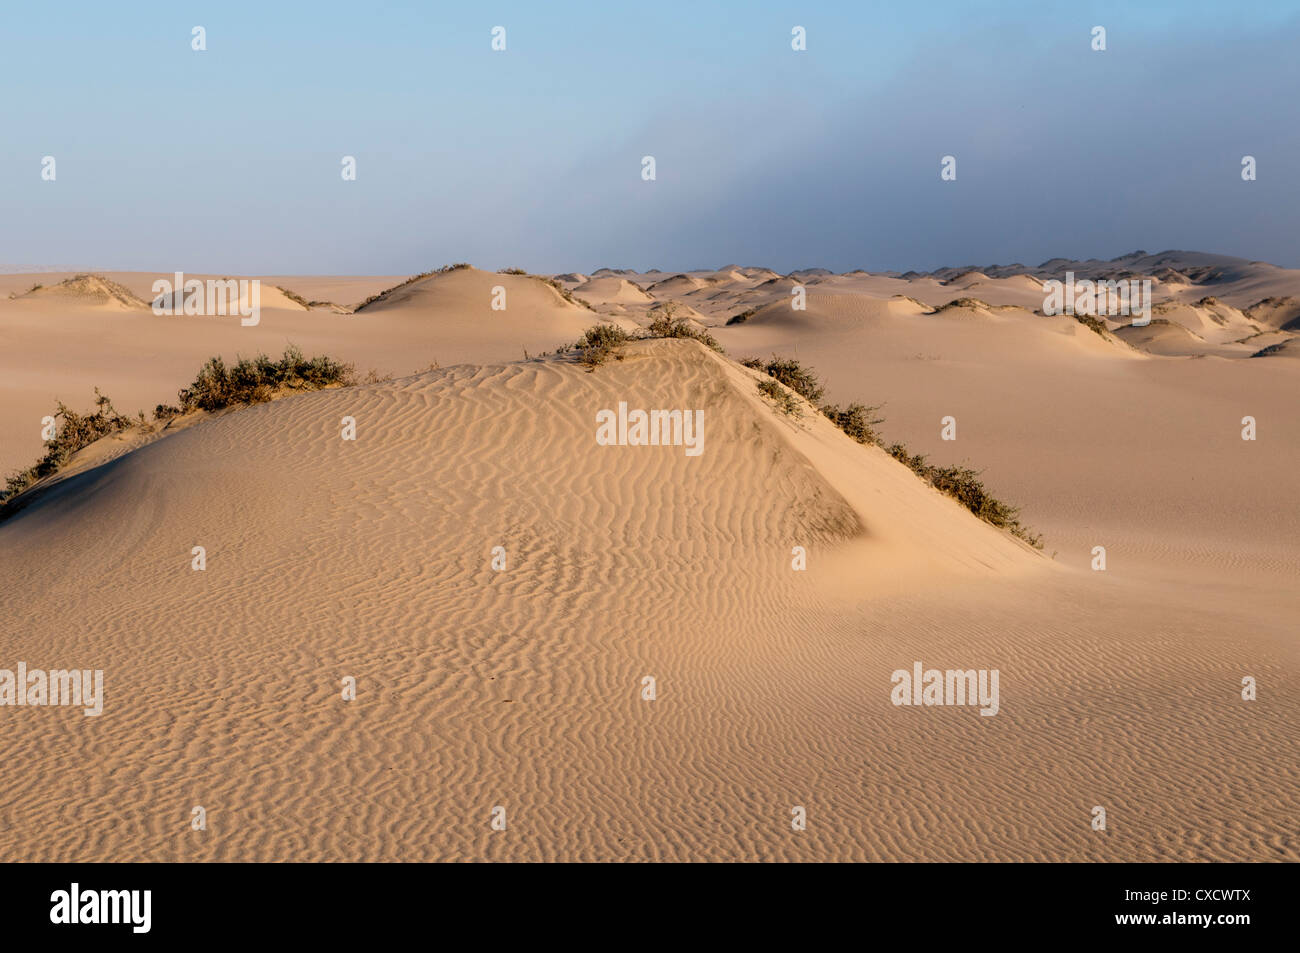 Le dune di sabbia, Skeleton Coast National Park, Namibia, Africa Immagini Stock